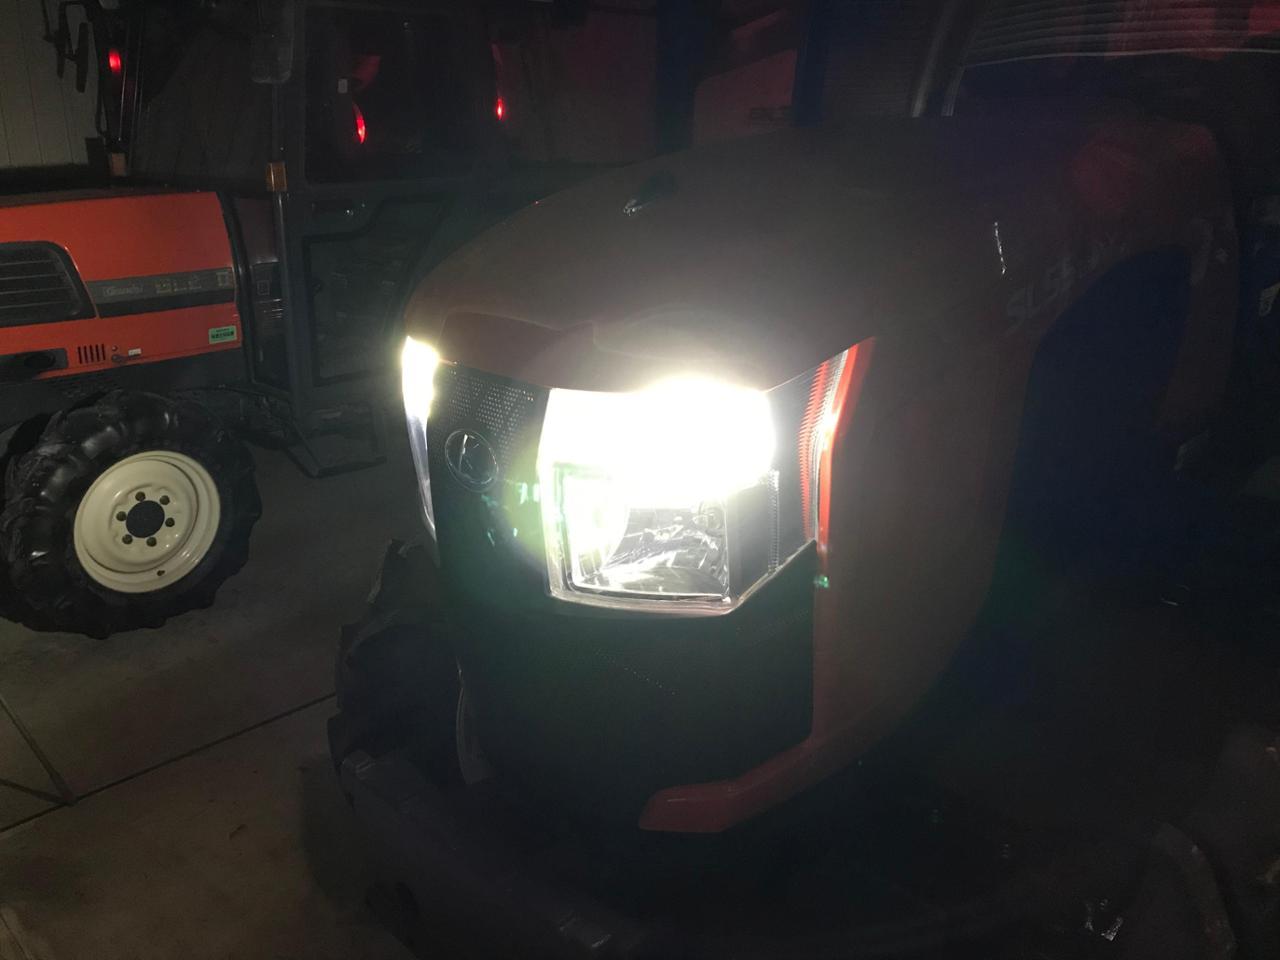 Futwod Futwod T20 LED LED電球 高輝度 無極性 4014SMD 66連 拡散レンズ付き